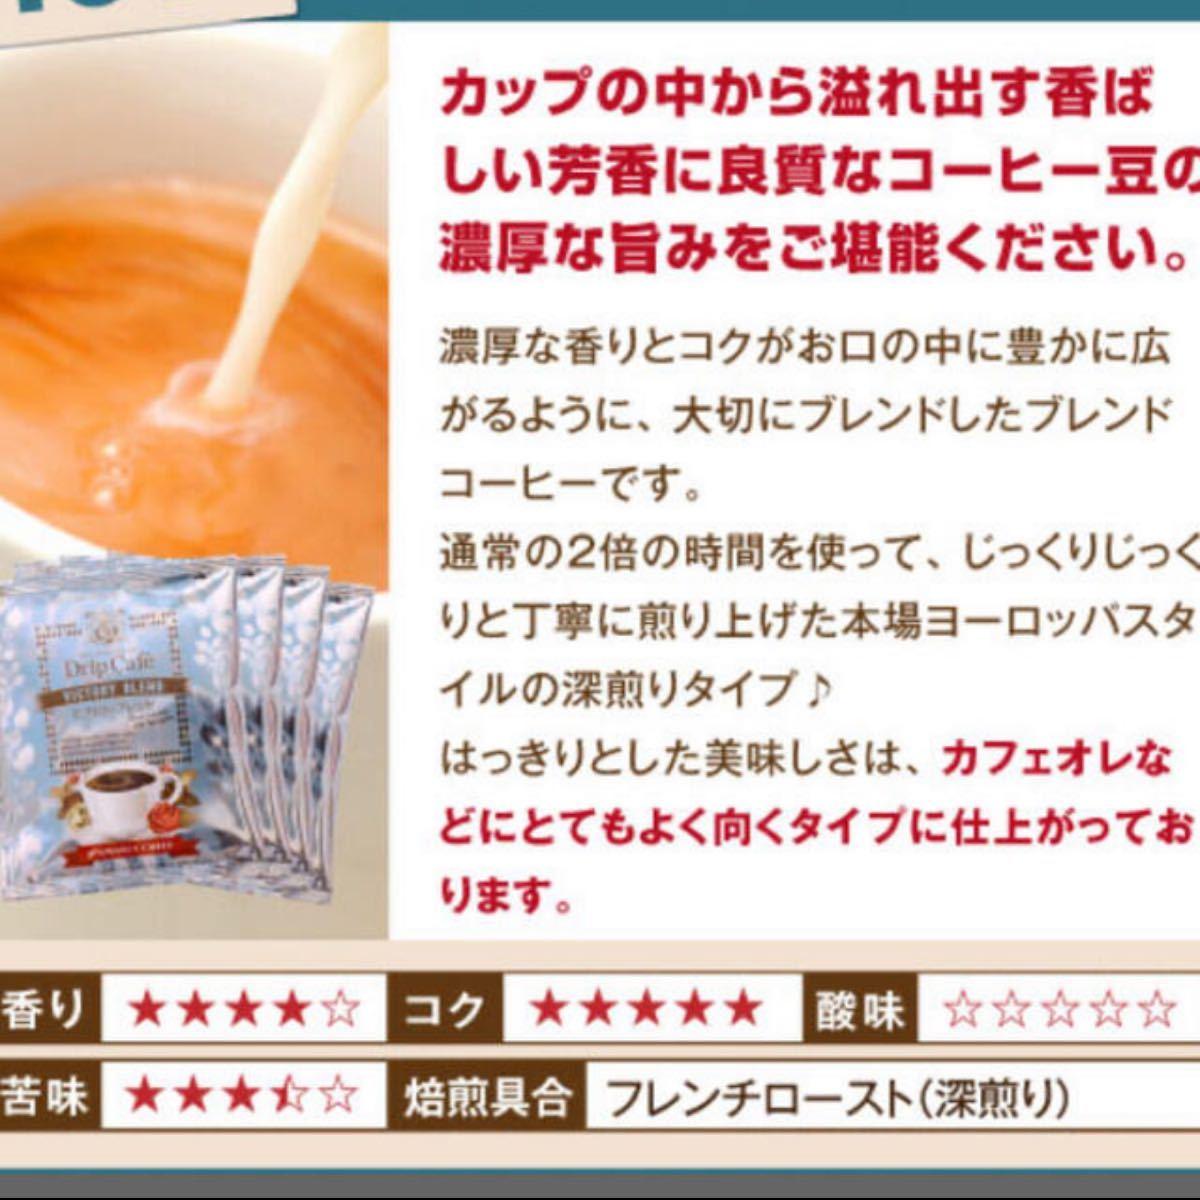 澤井珈琲 ドリップコーヒー 20杯分